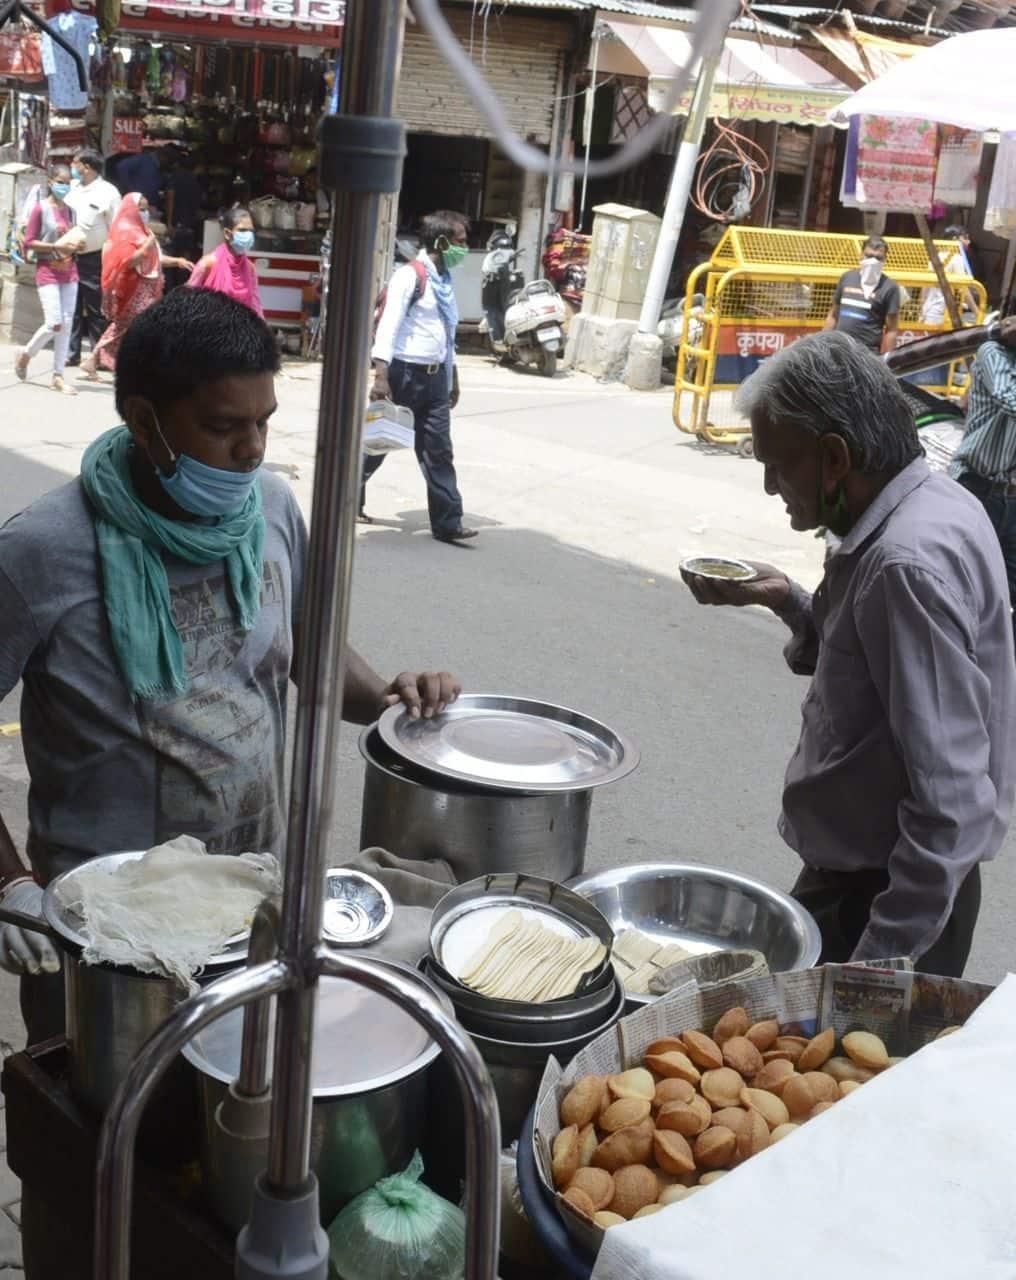 ताजनगरी में चाट की दुकान पर वृद्ध व्यक्ति चाट का जायका पूरा करते हुए.